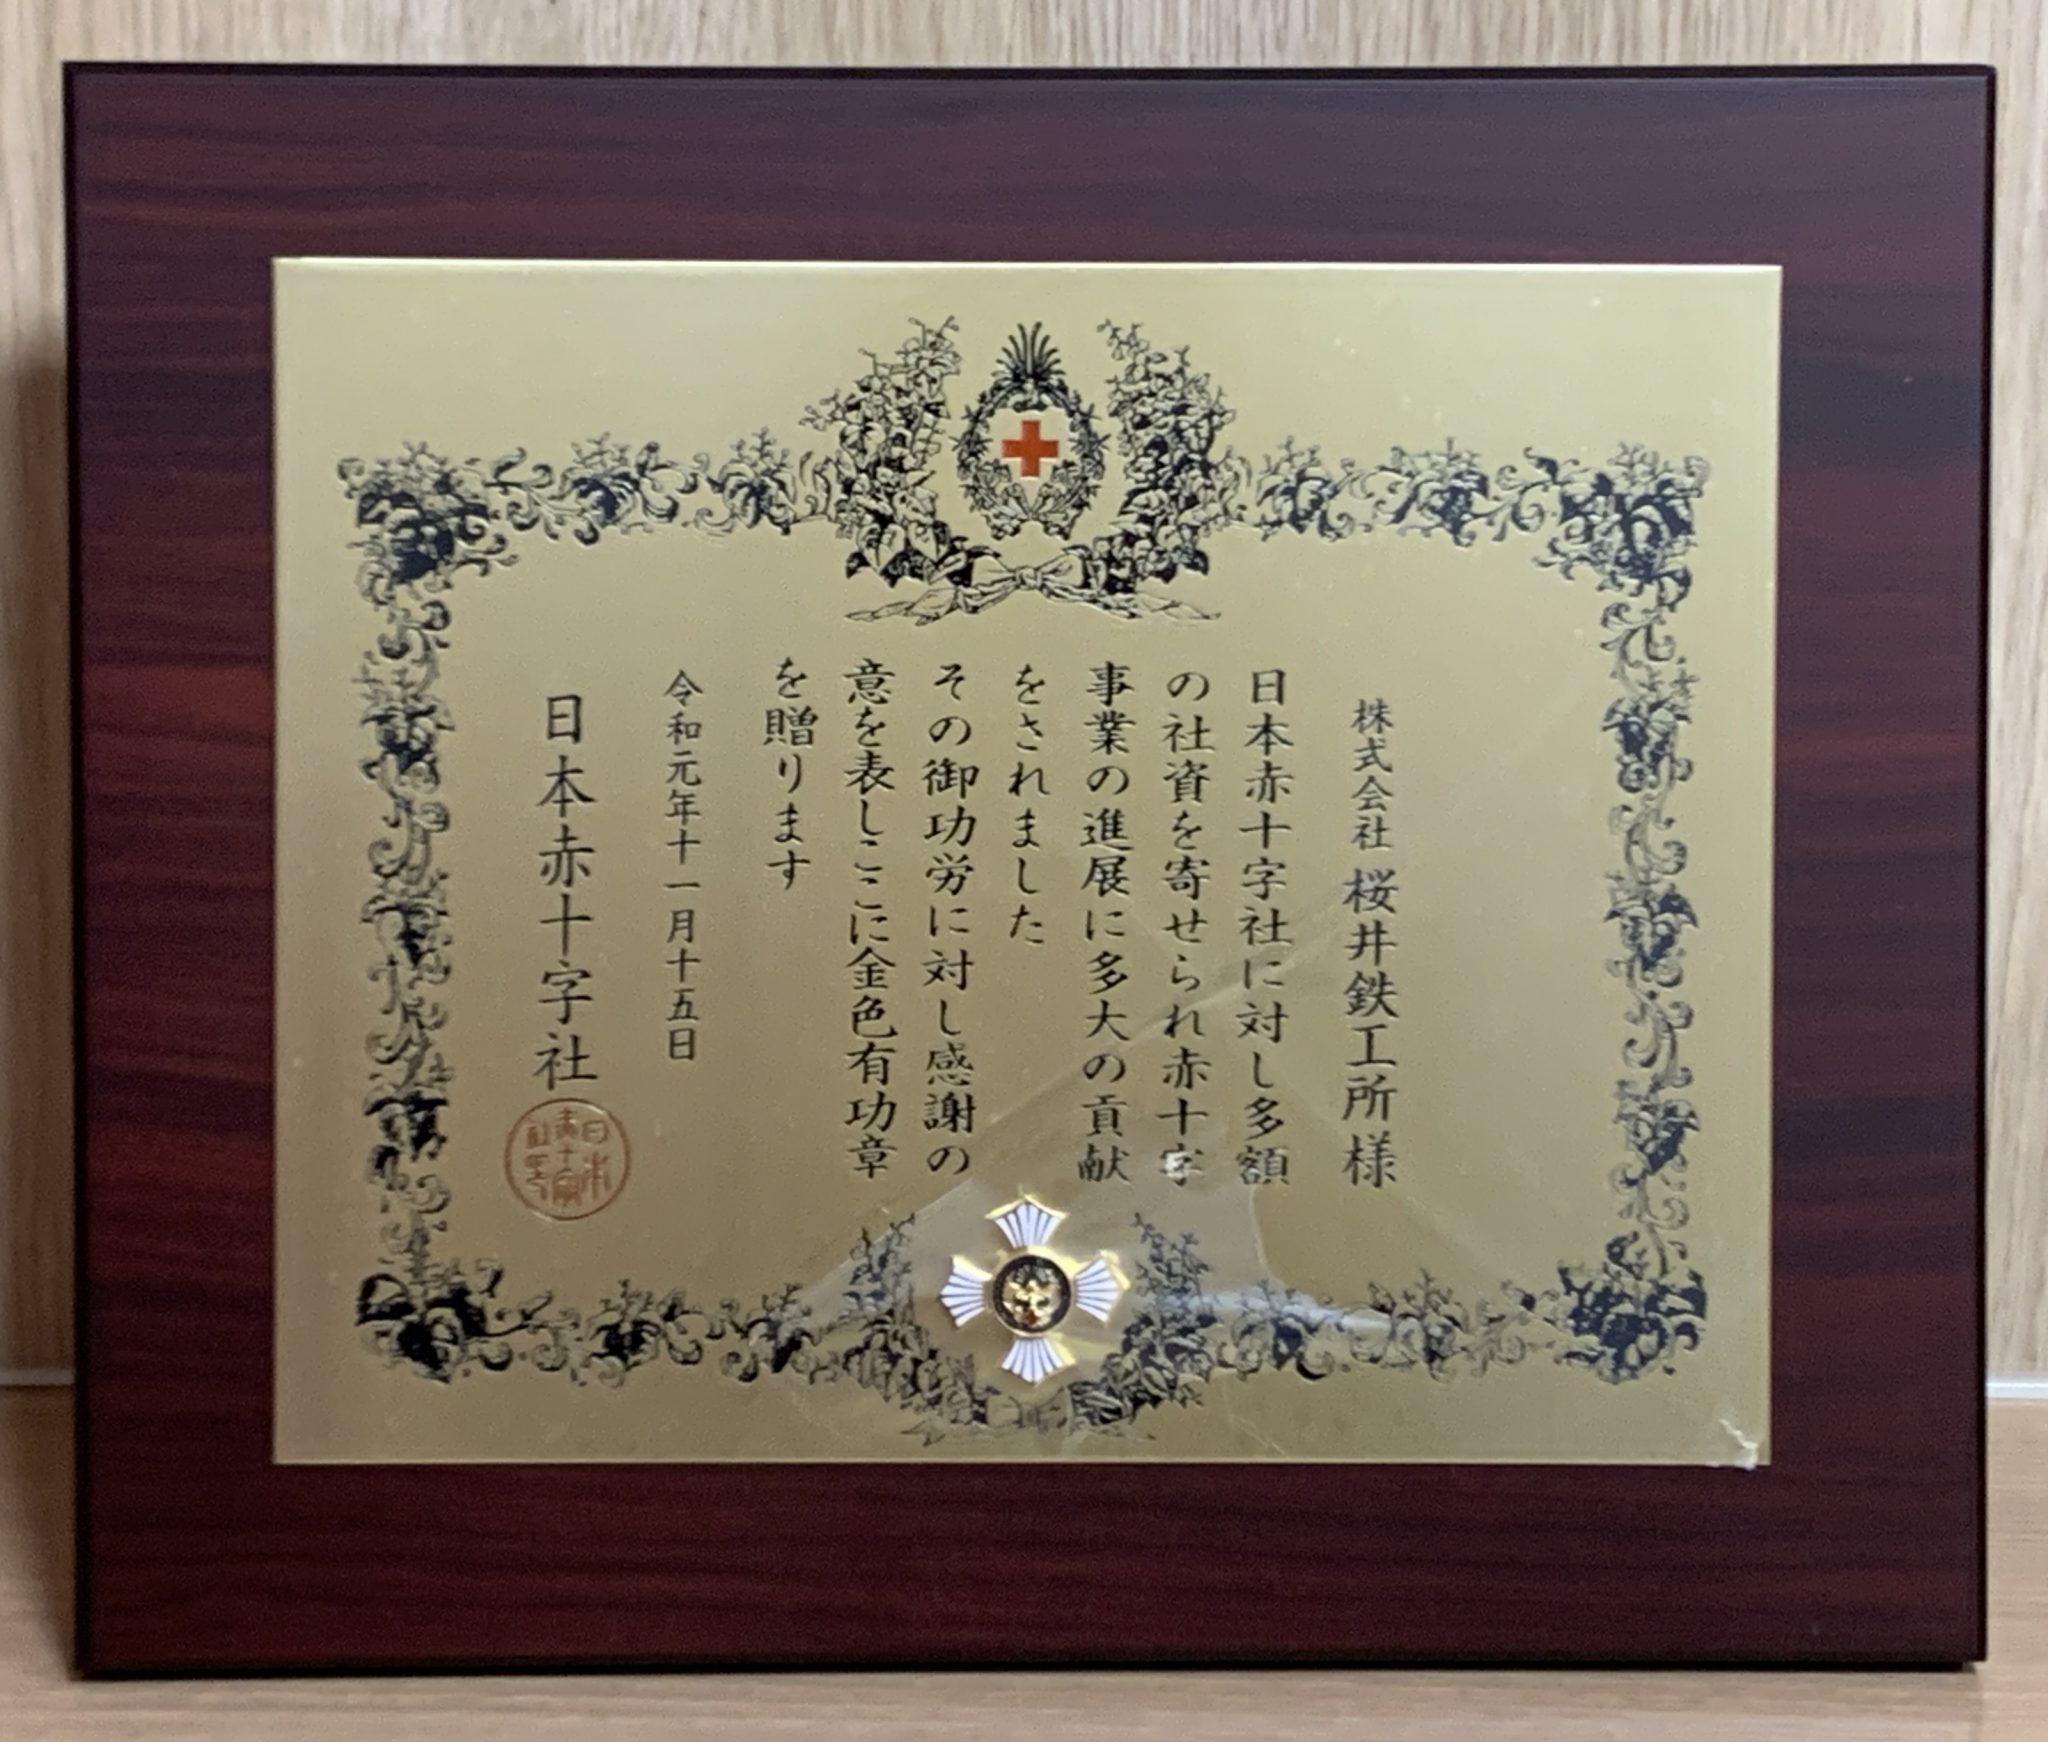 日本赤十字社 感謝状